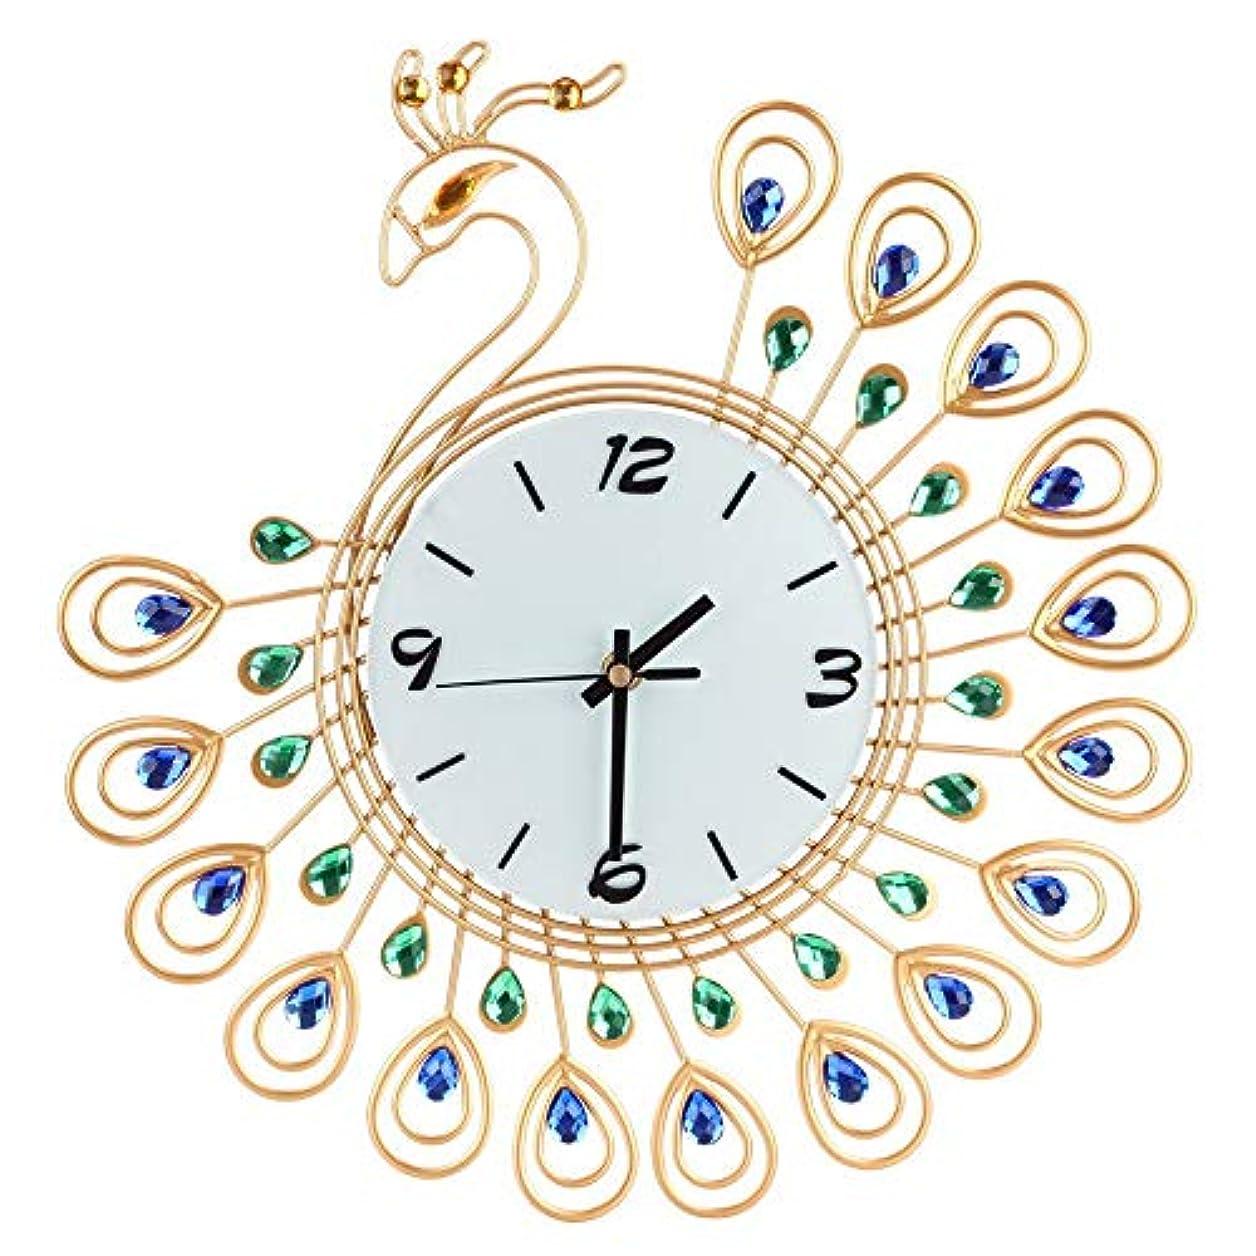 心理的に達成する実際にルームオフィスのための壁時計の金属のラインストーンの家の装飾の孔雀の時計 (ゴールド)